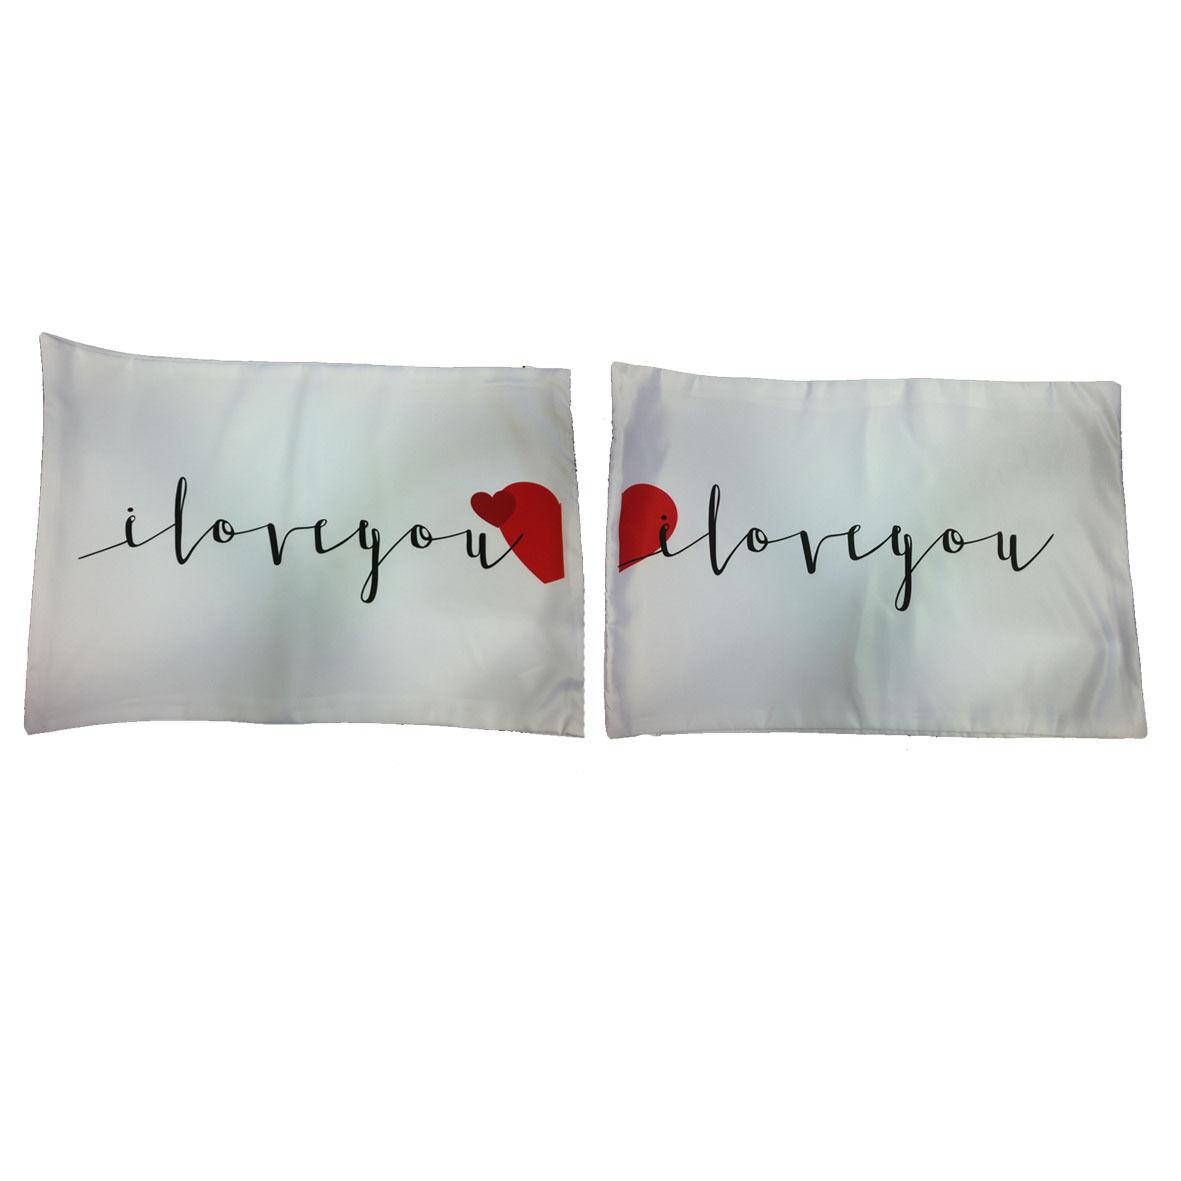 AMORE coppia di federe TI AMO..TI AMO DI PIU' 75x51 cm idea regalo San Valentino